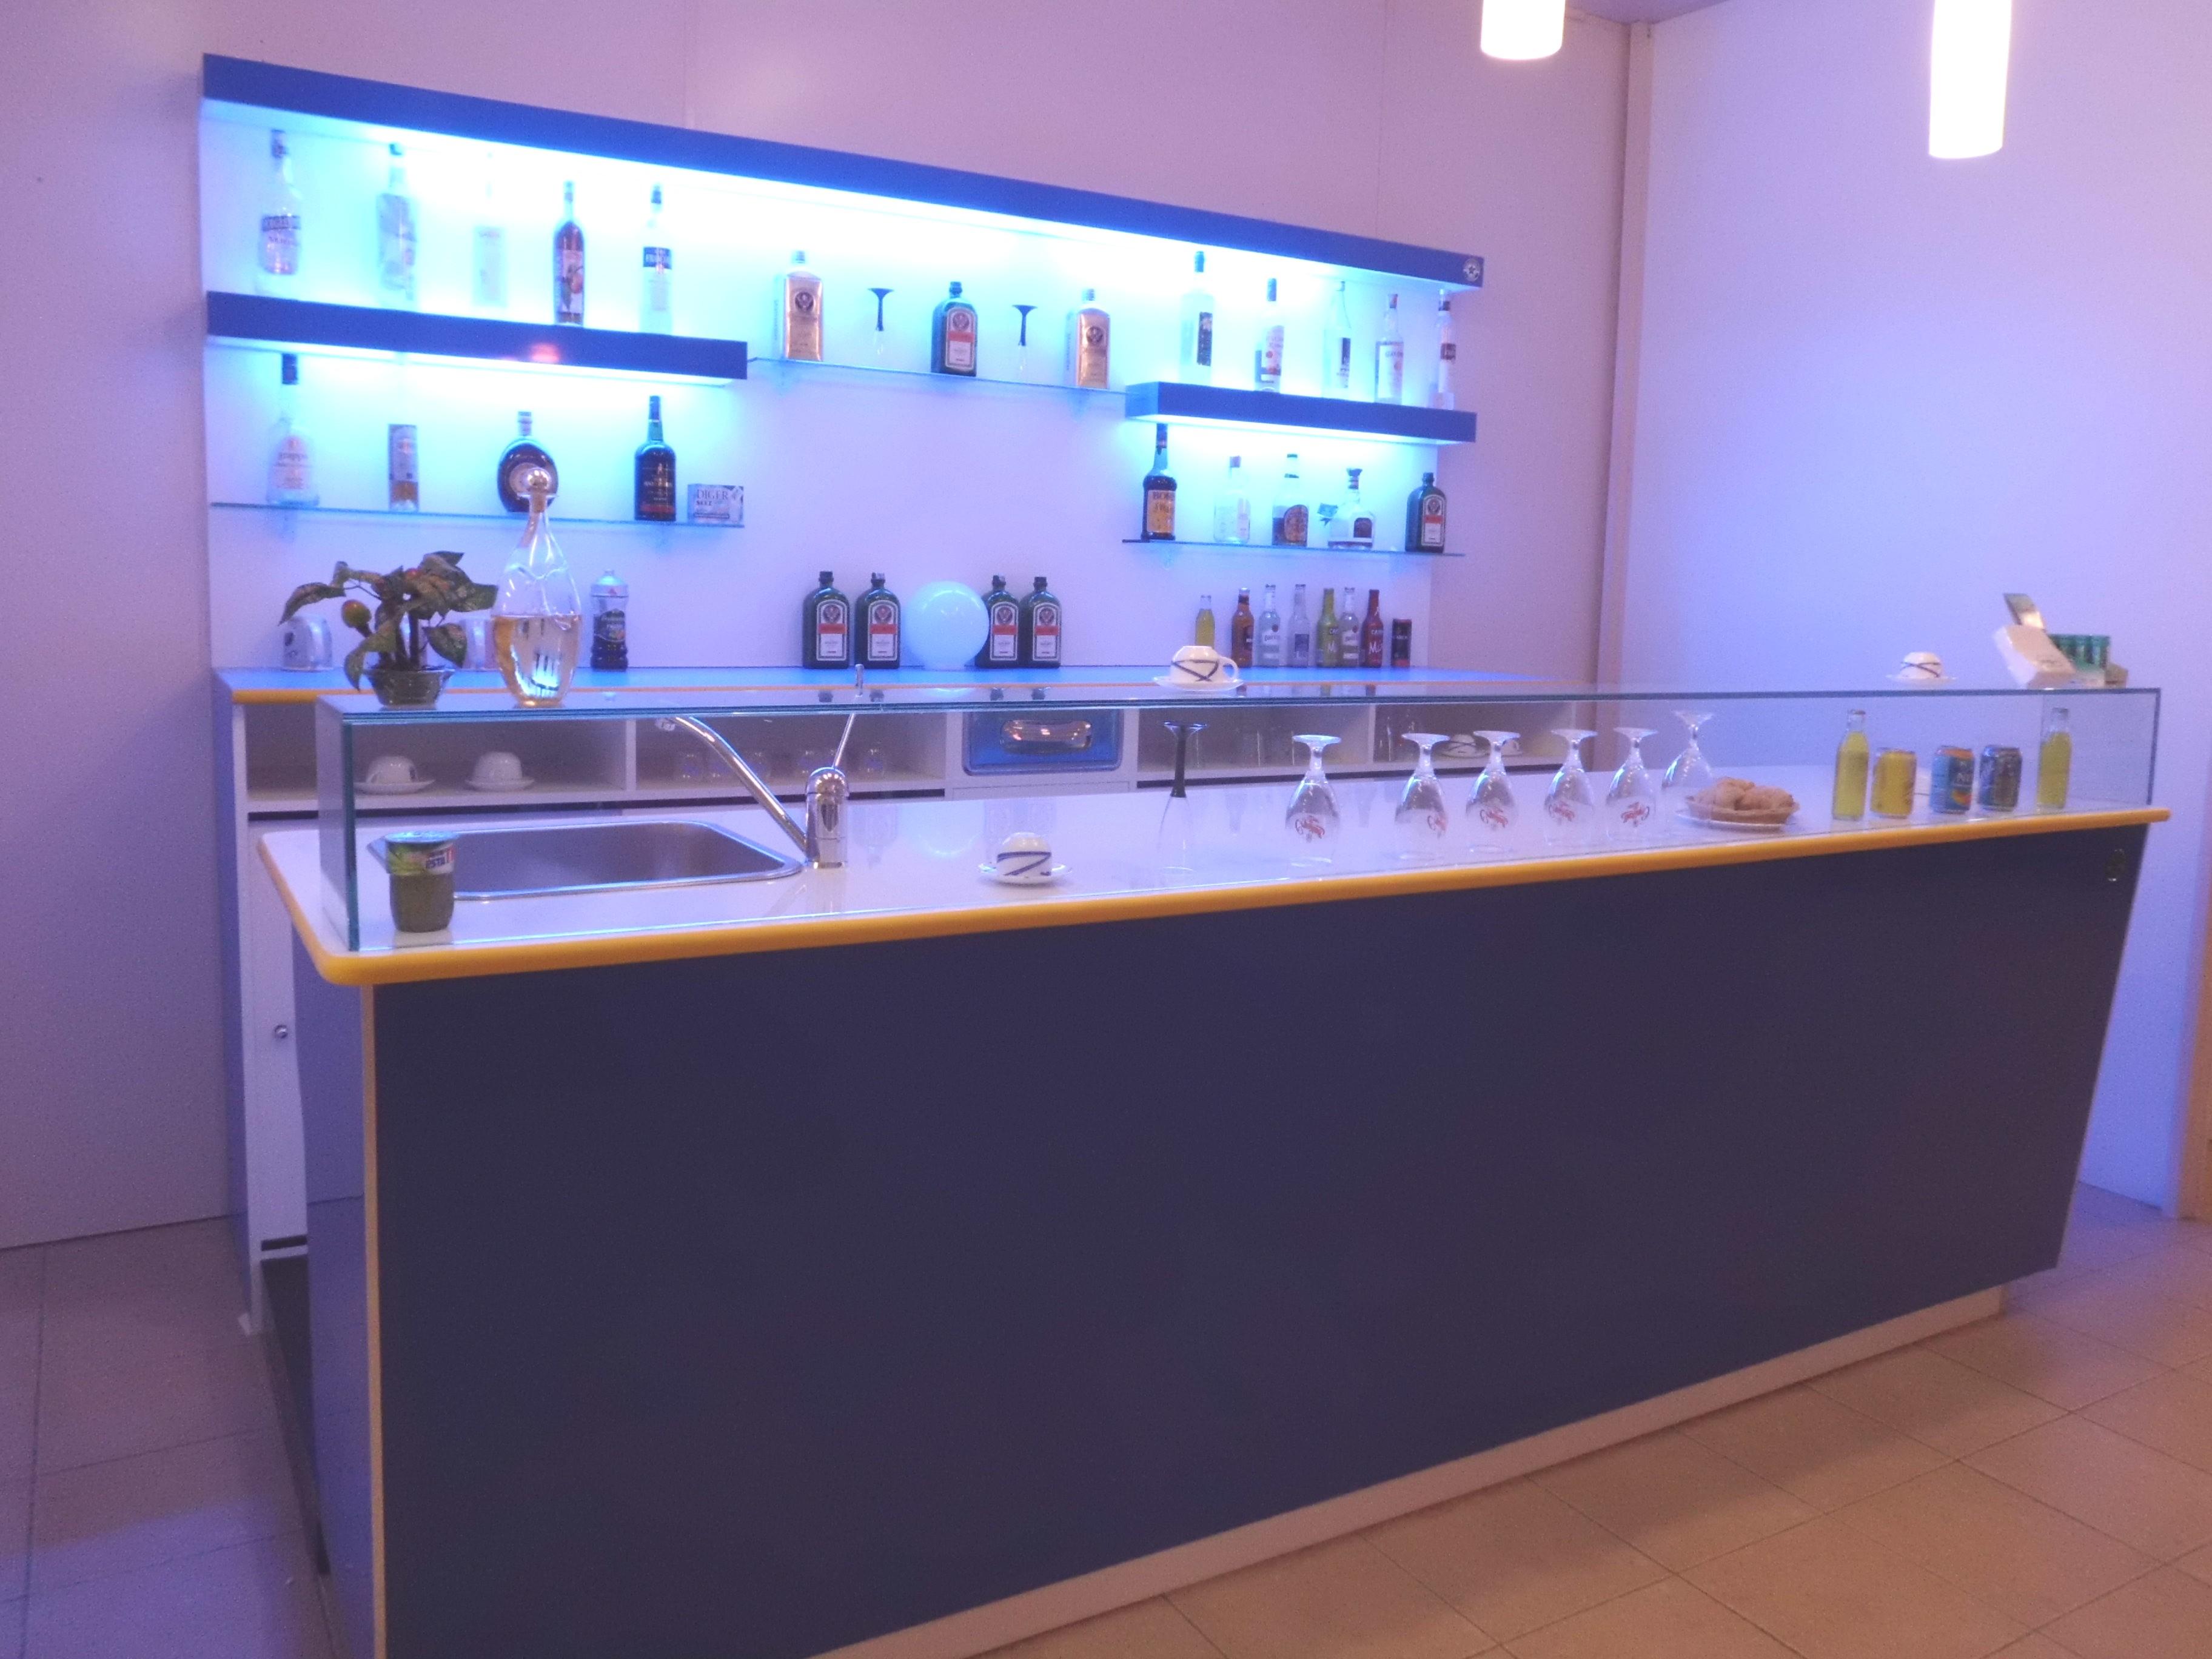 Arredamento Bar Mantova : Arredo bar mantova. Arredamento bar ...